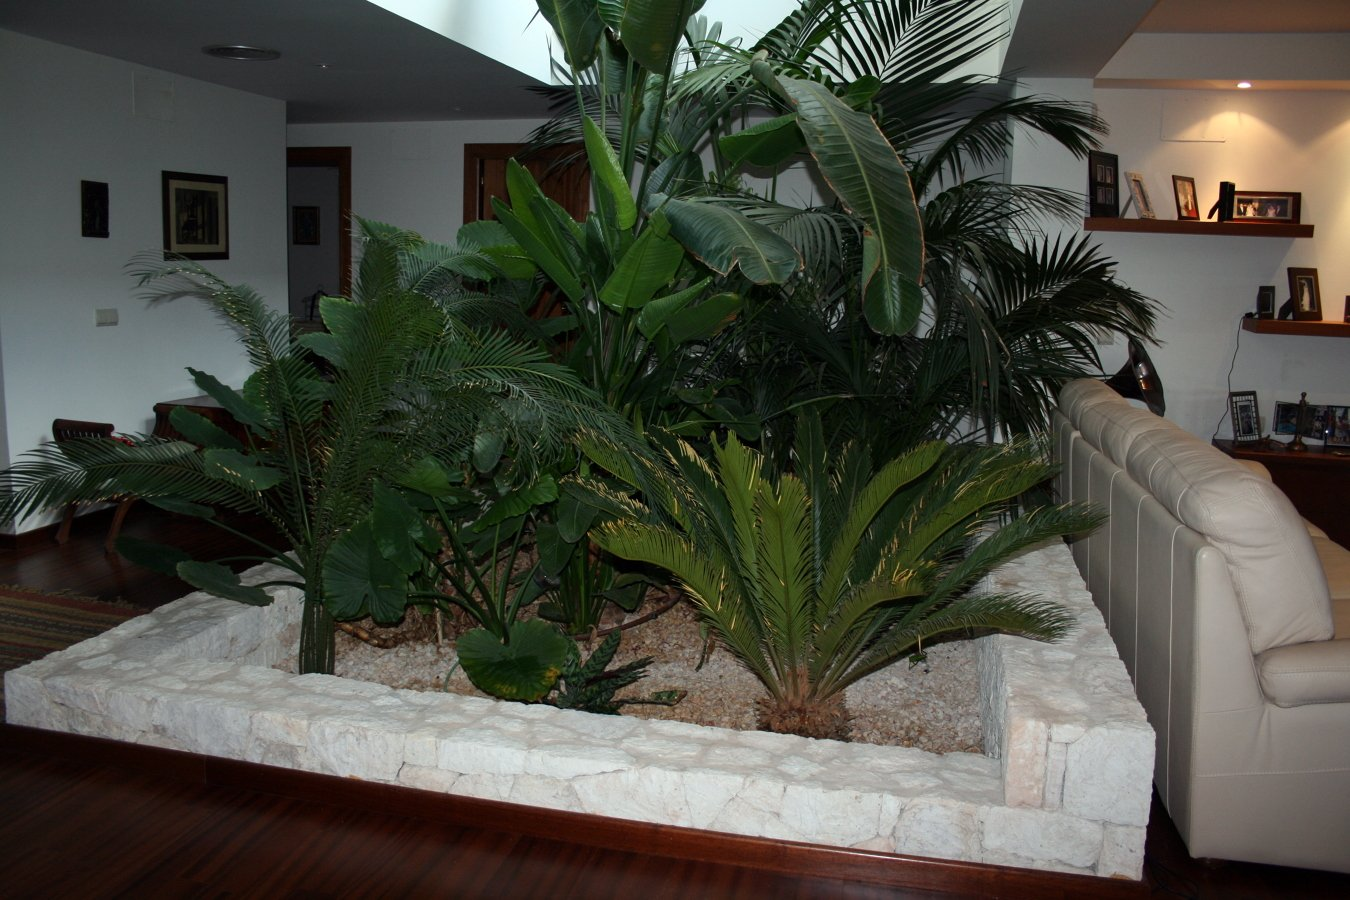 Jardineras jardineras de interior - Imagenes de jardineras ...